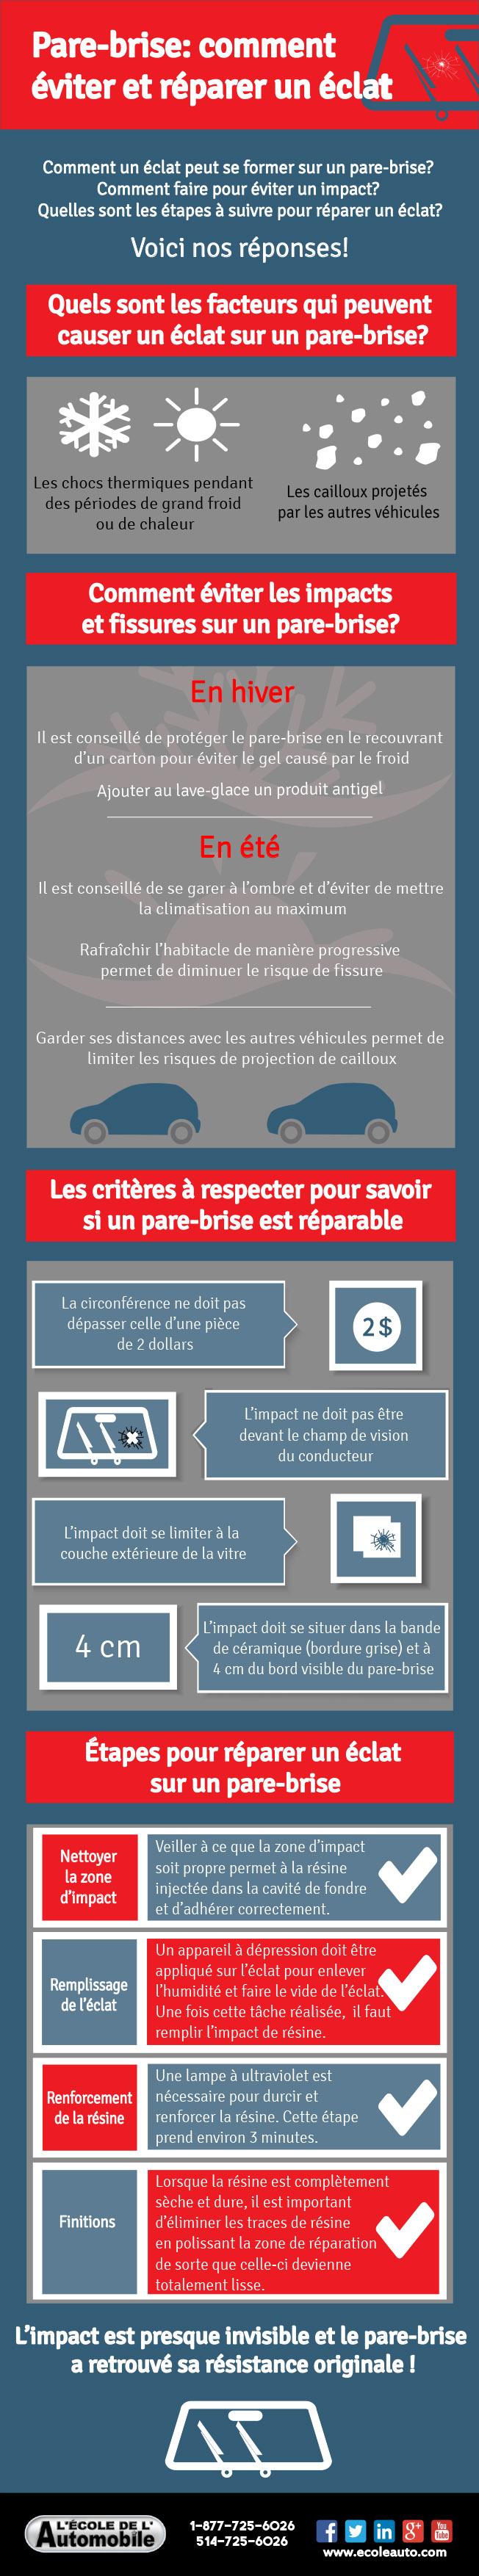 [Infographie] Pare-brise: comment éviter et réparer un éclat